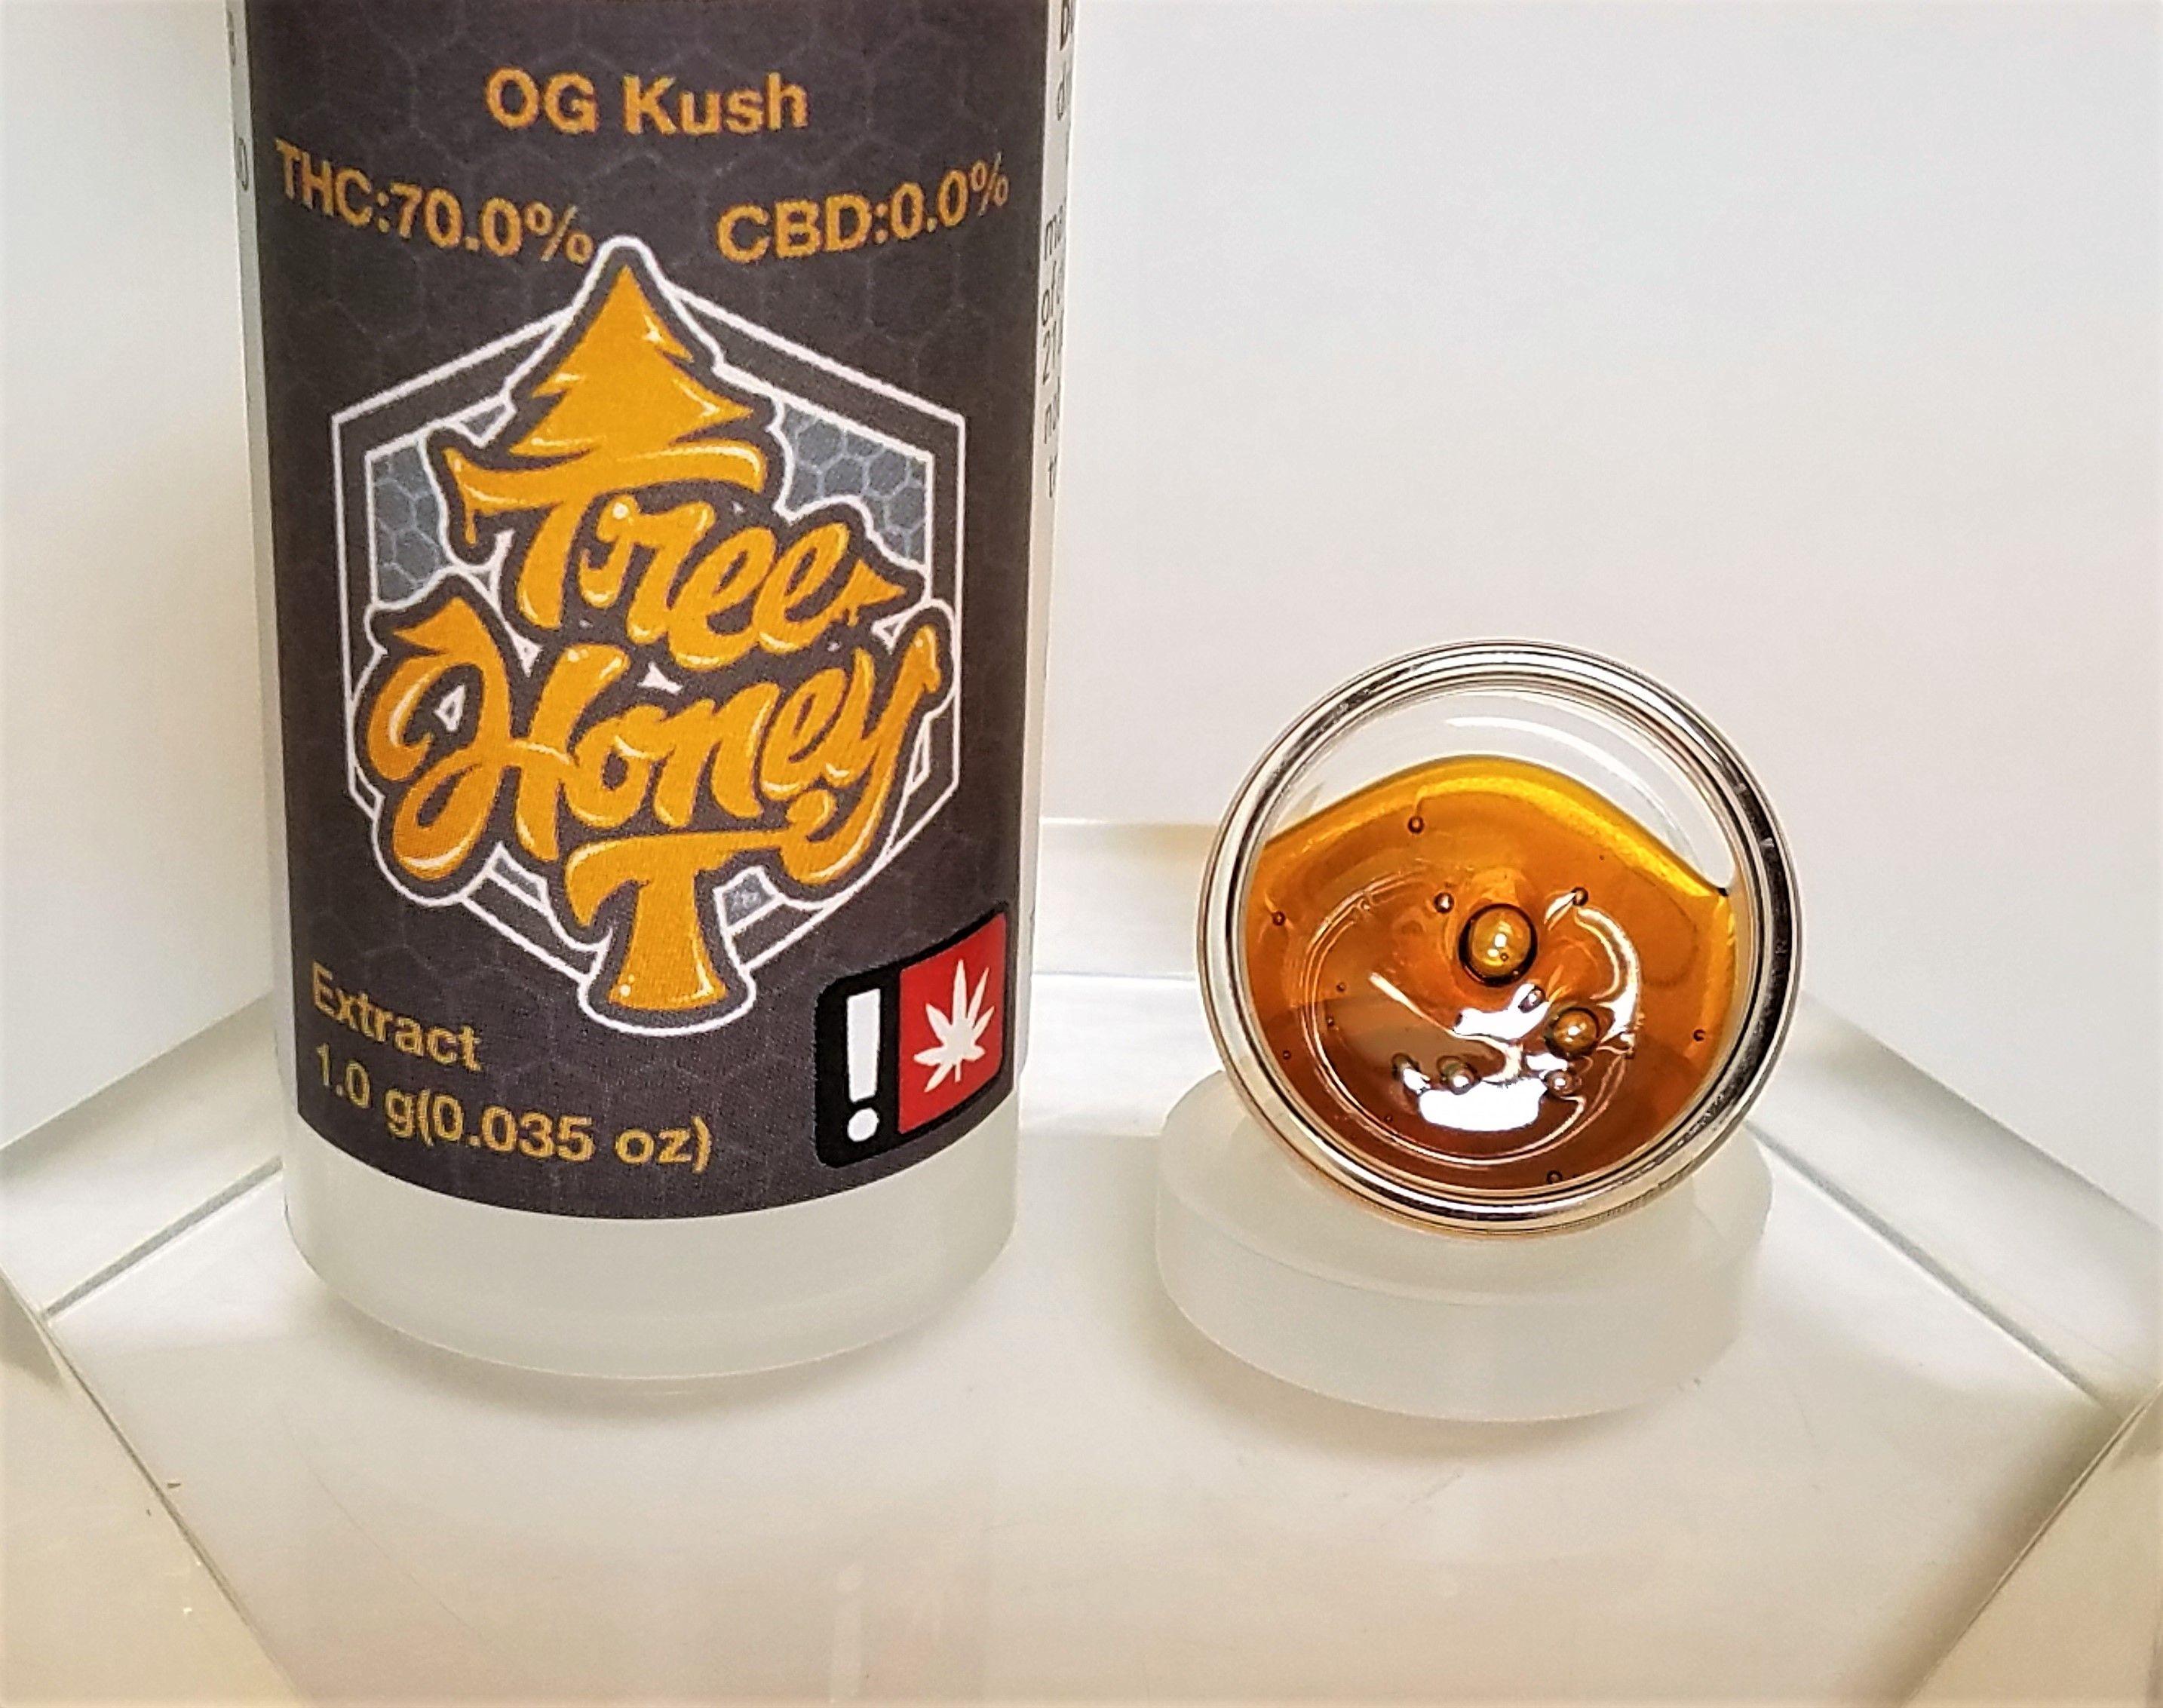 Tree Honey - OG Kush Pull 'n' Snap